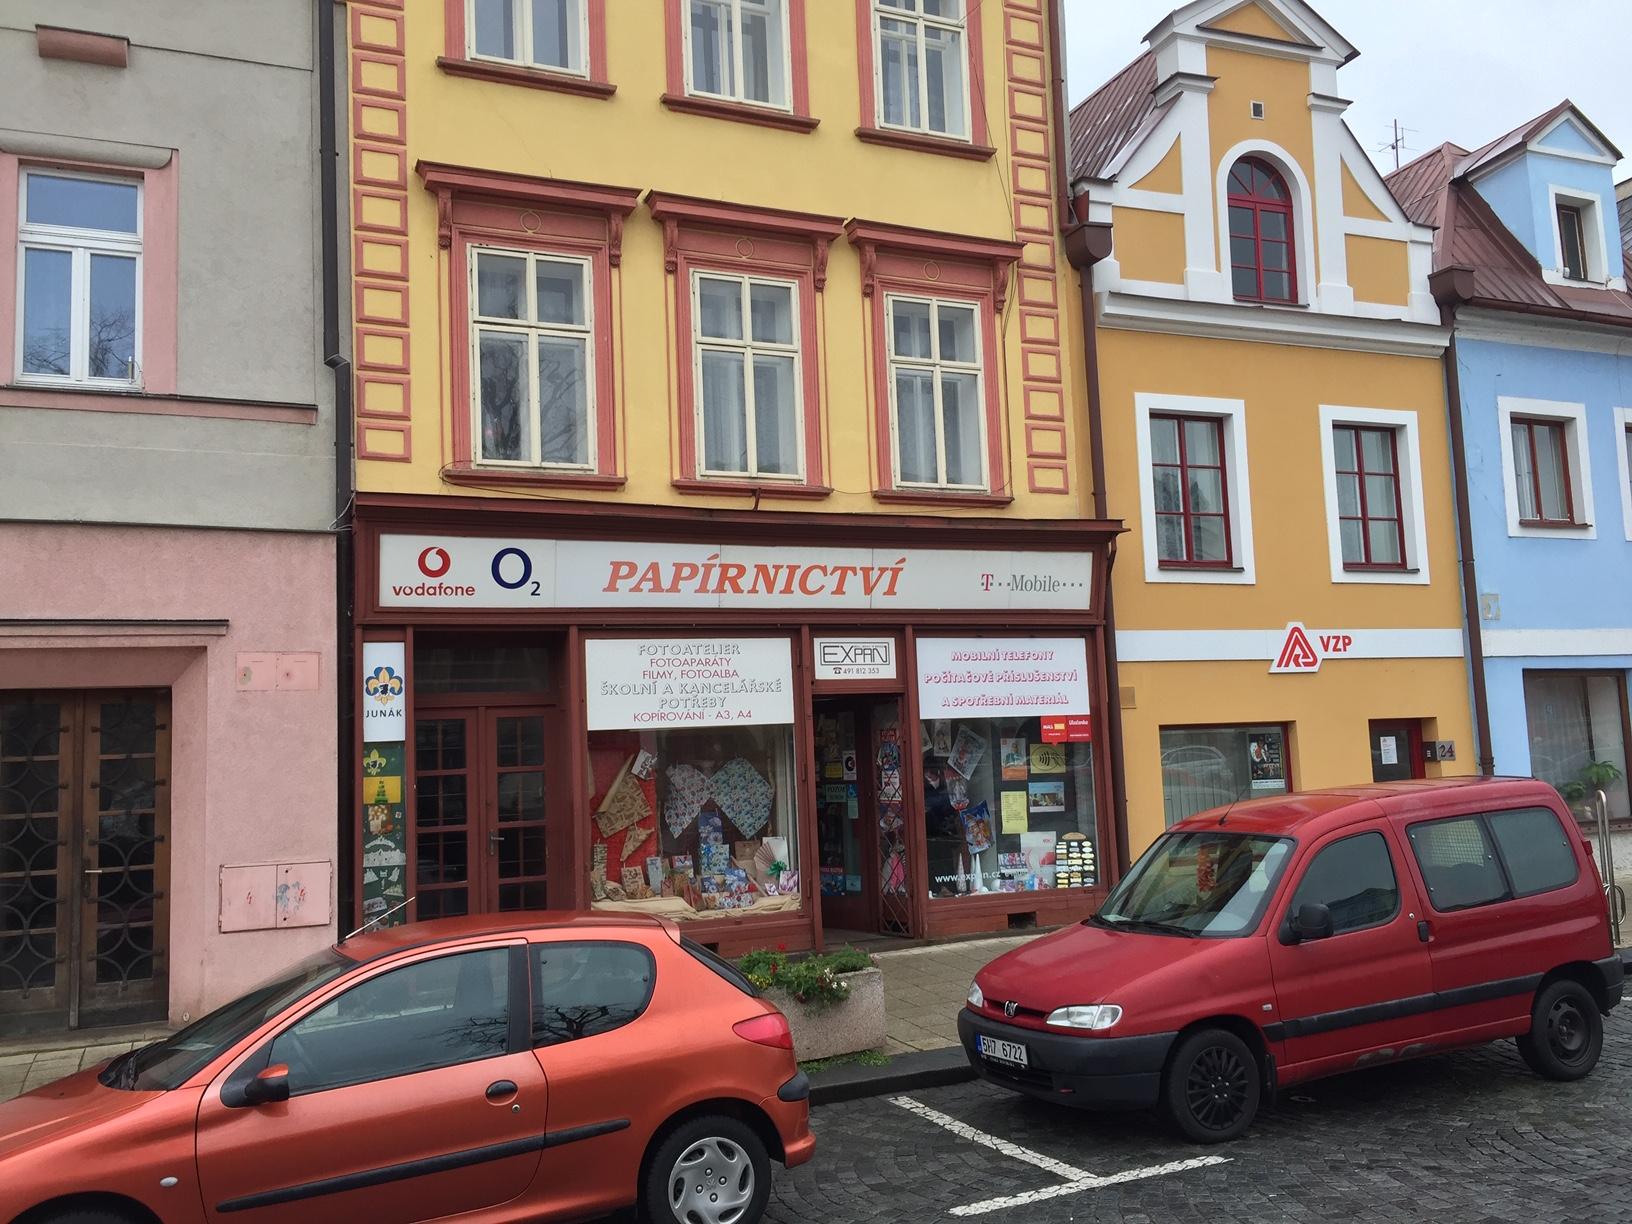 Pobočka Jaroměř, náměstí  ČSA  23 (Papírnictví Expan)